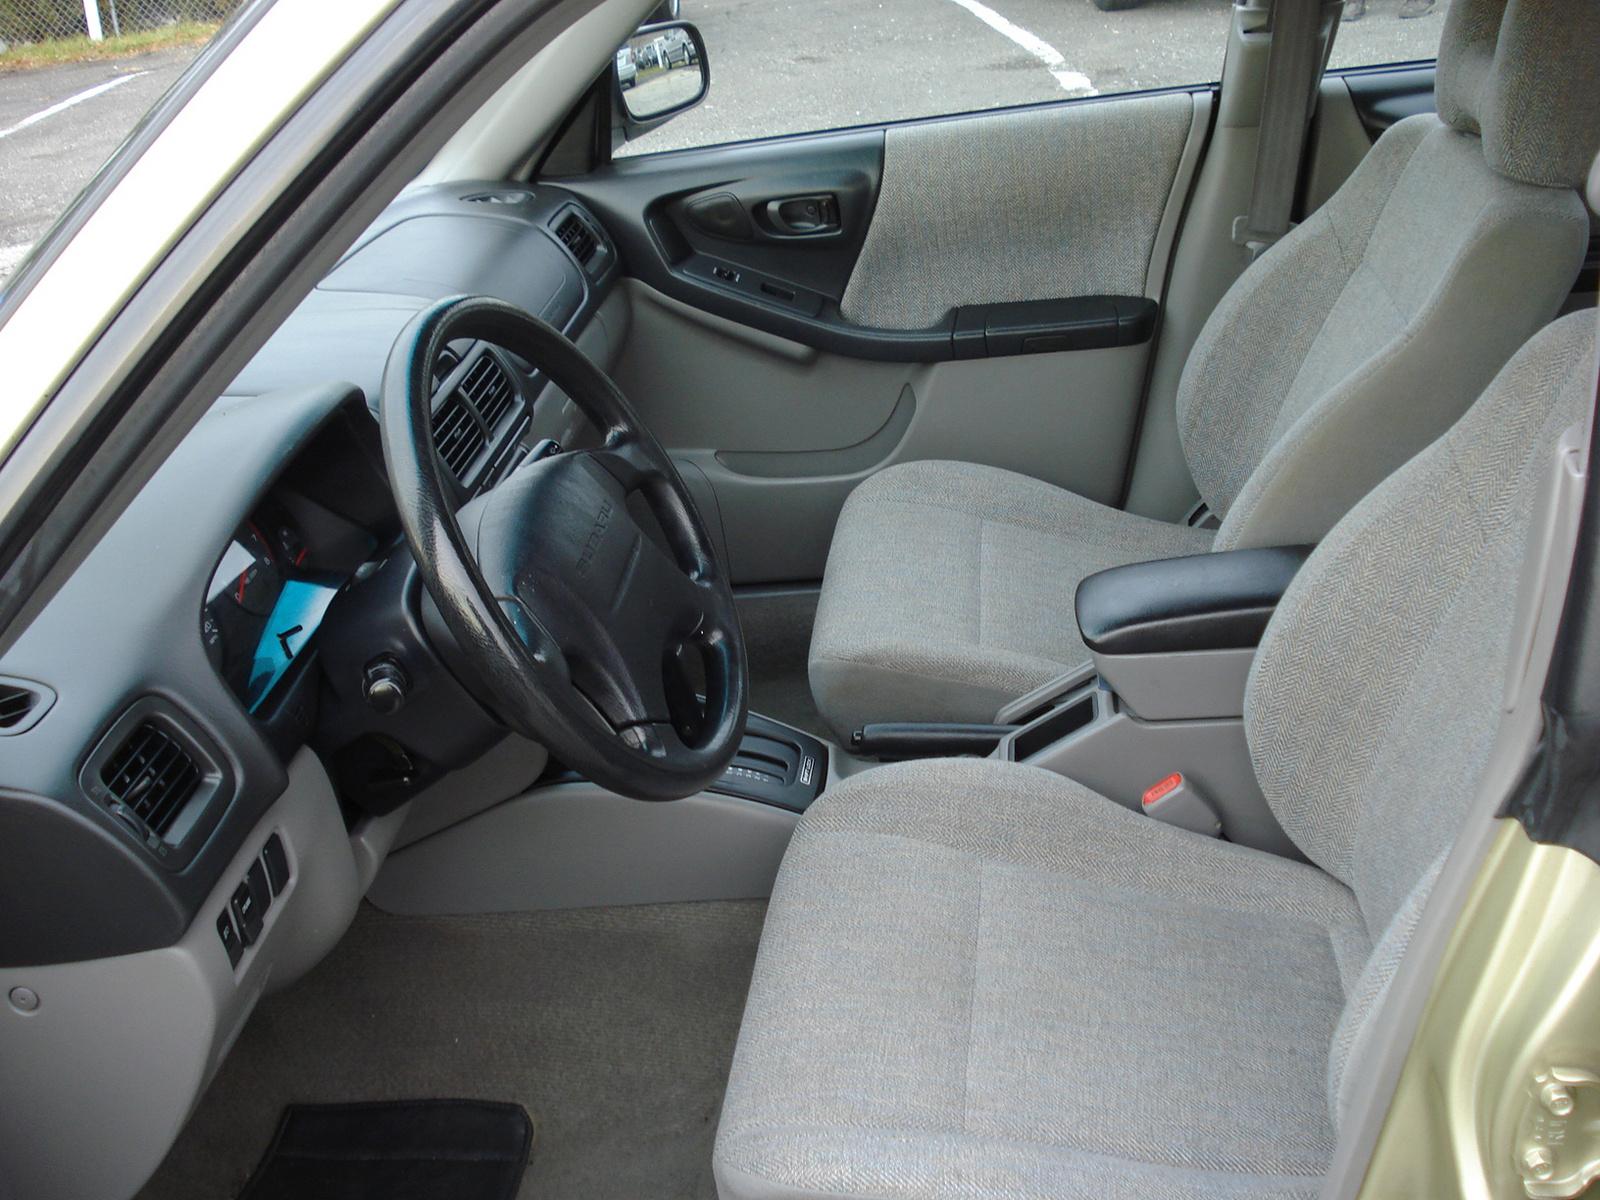 2002 Subaru Forester Interior Pictures Cargurus